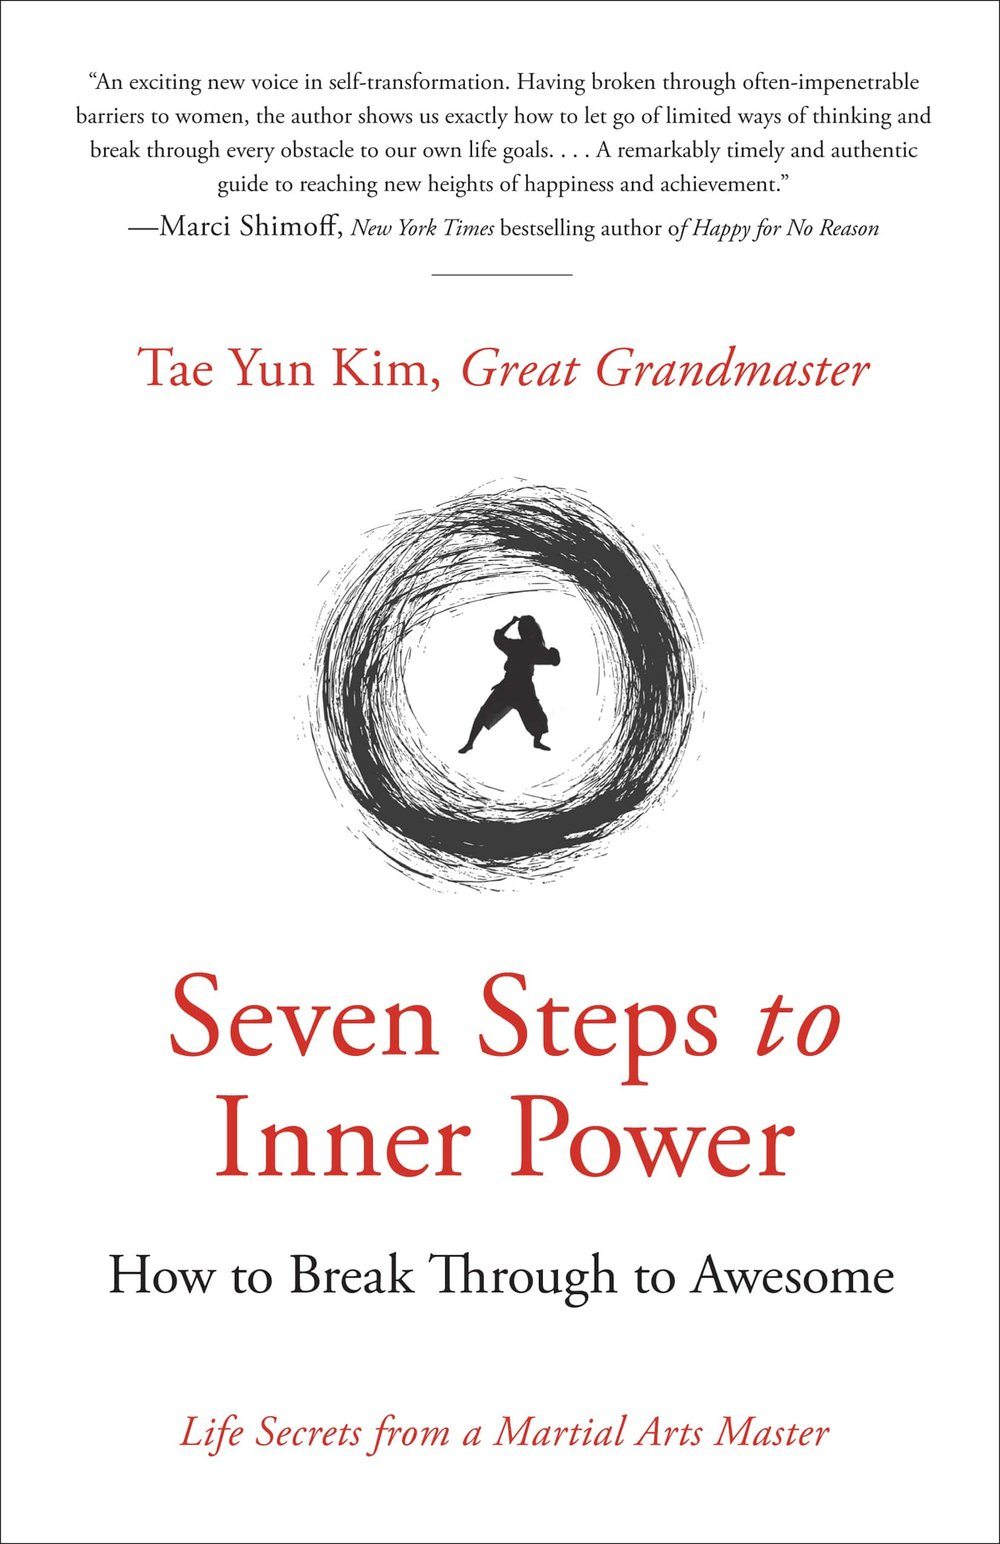 Seven-Steps-to-Inner-Power-cover-_black-border_RGB.jpg